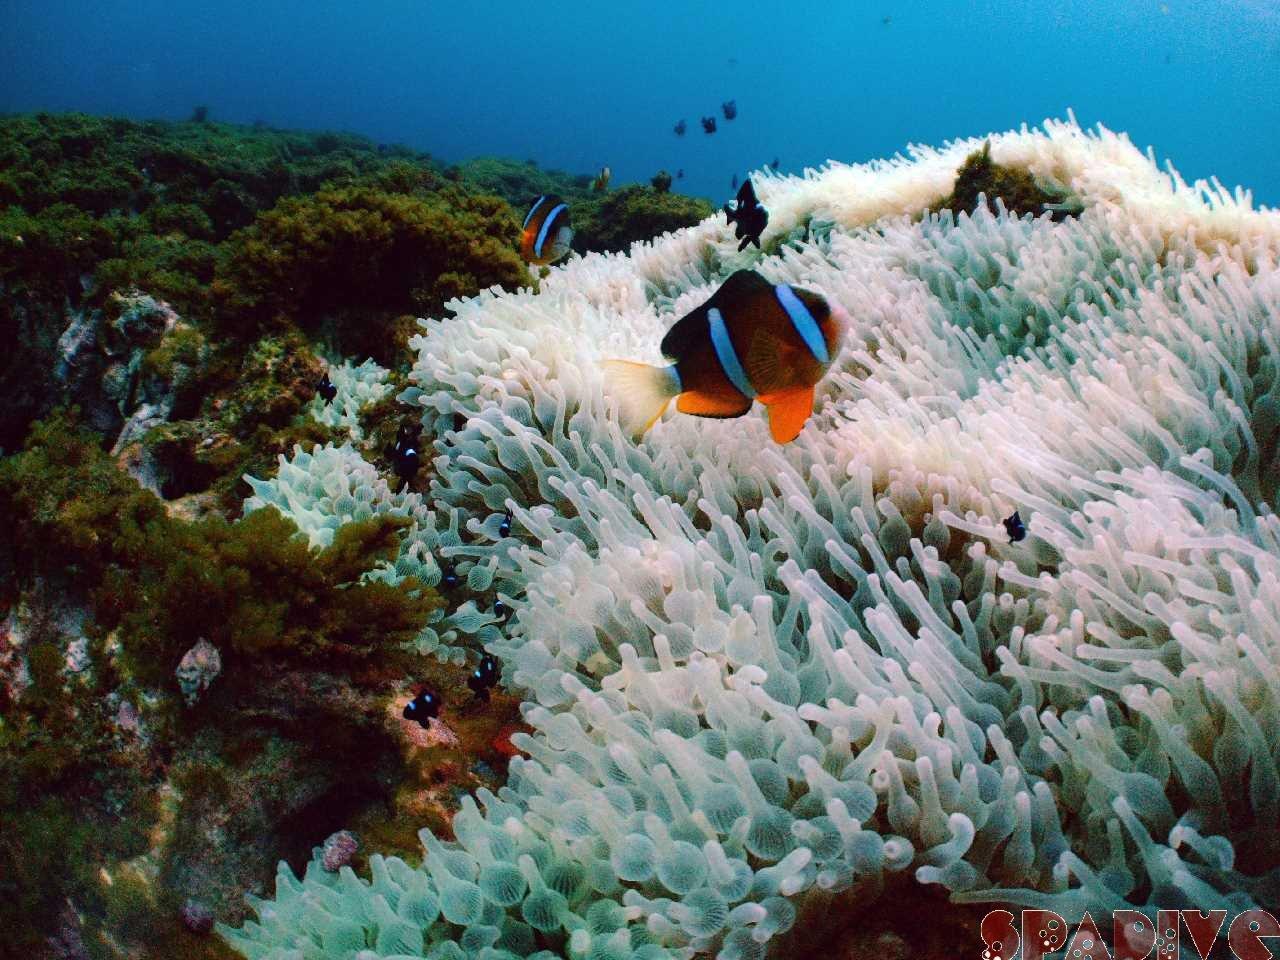 2010年9月撮影海フォトギャラリー|南紀白浜スパダイブ